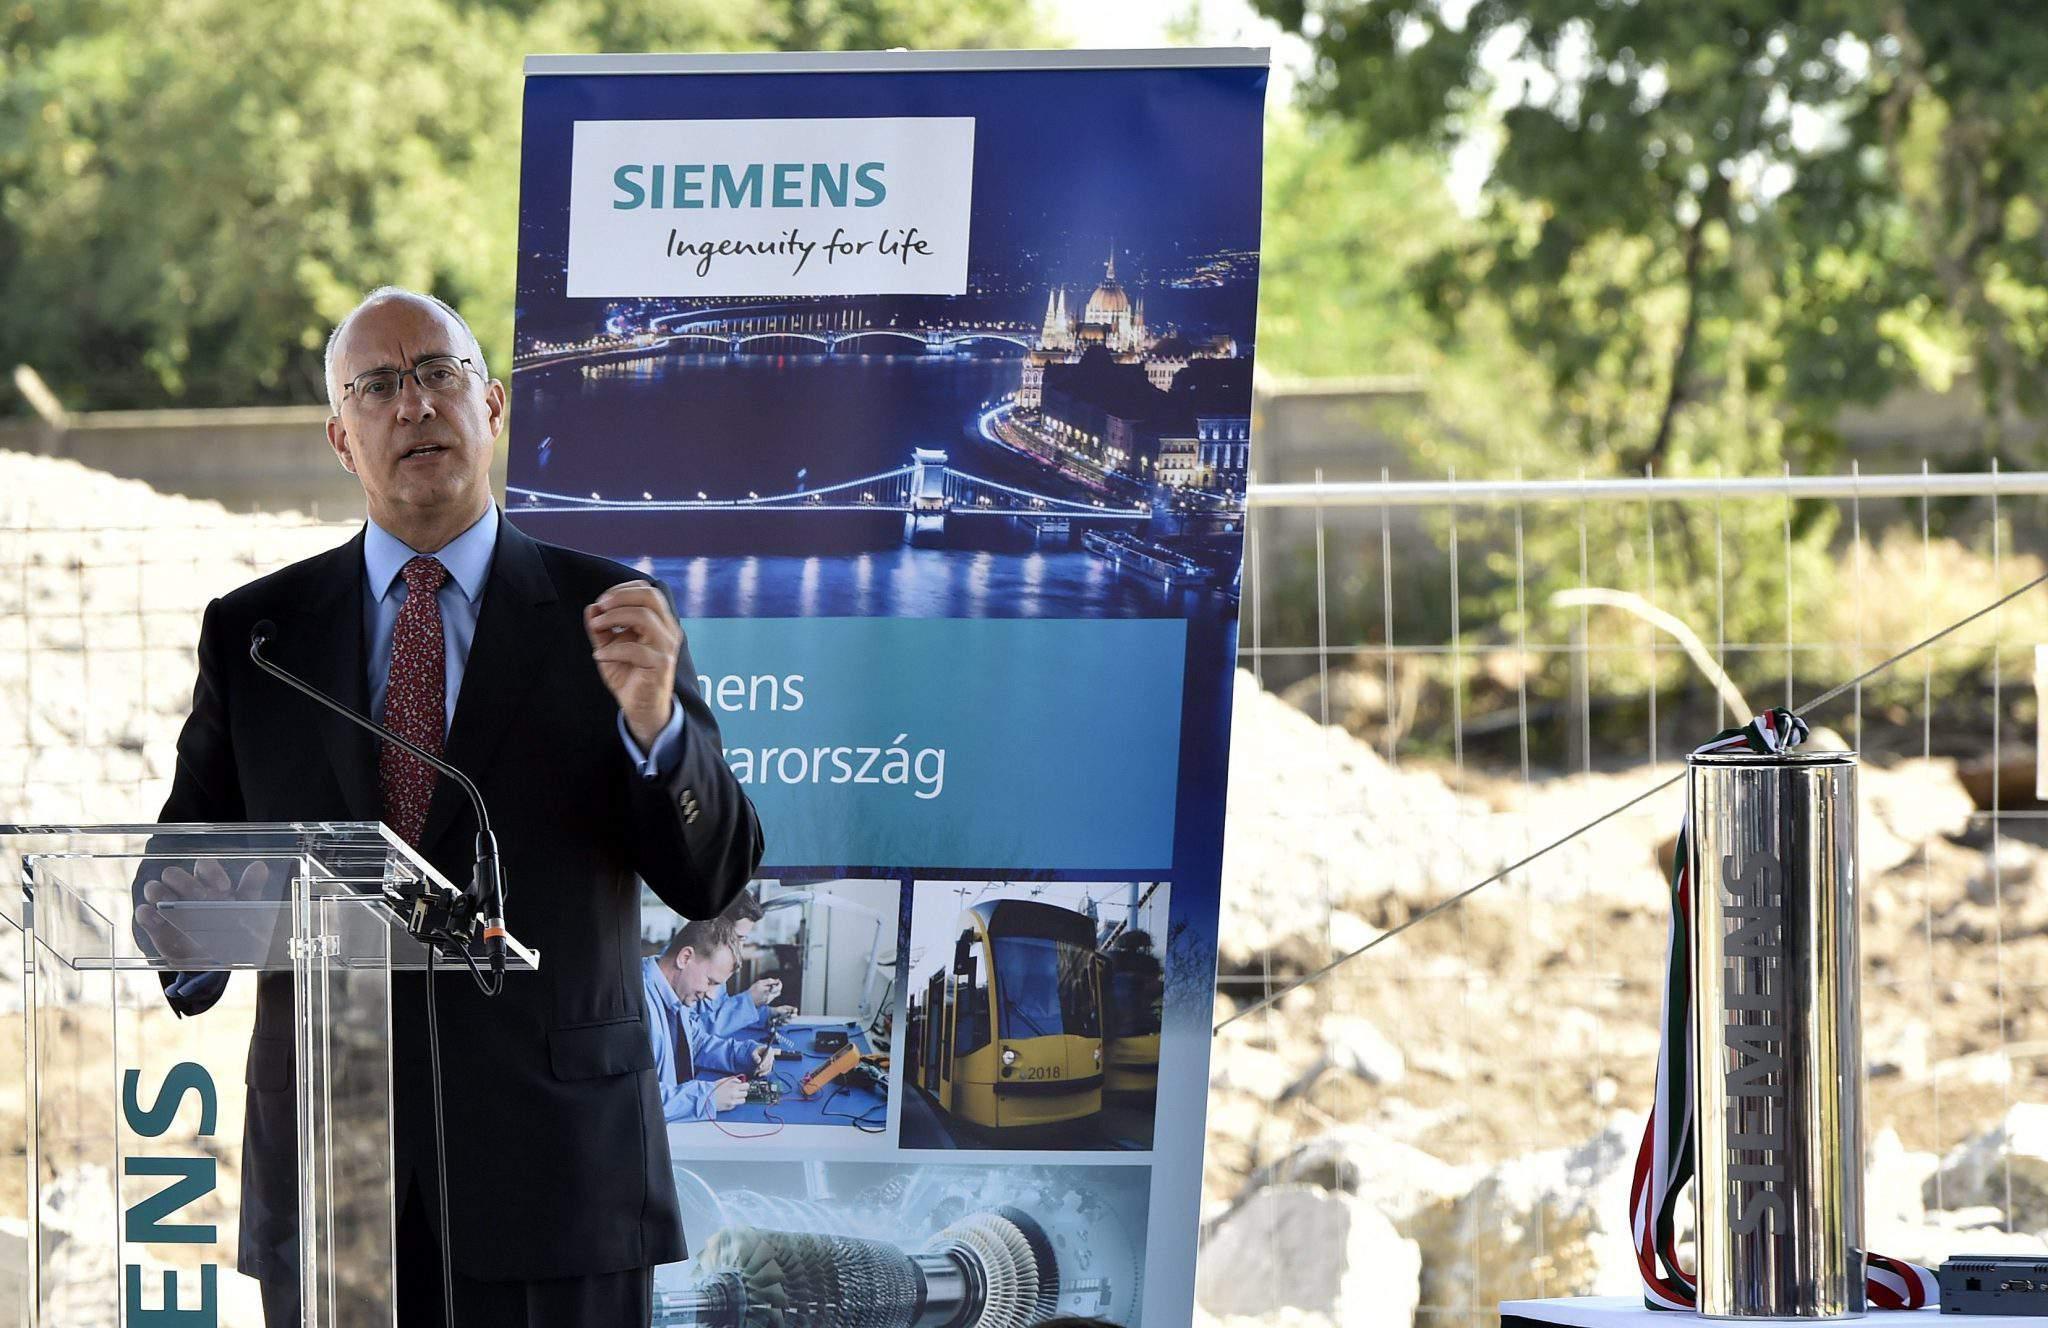 Siemens - Hungary